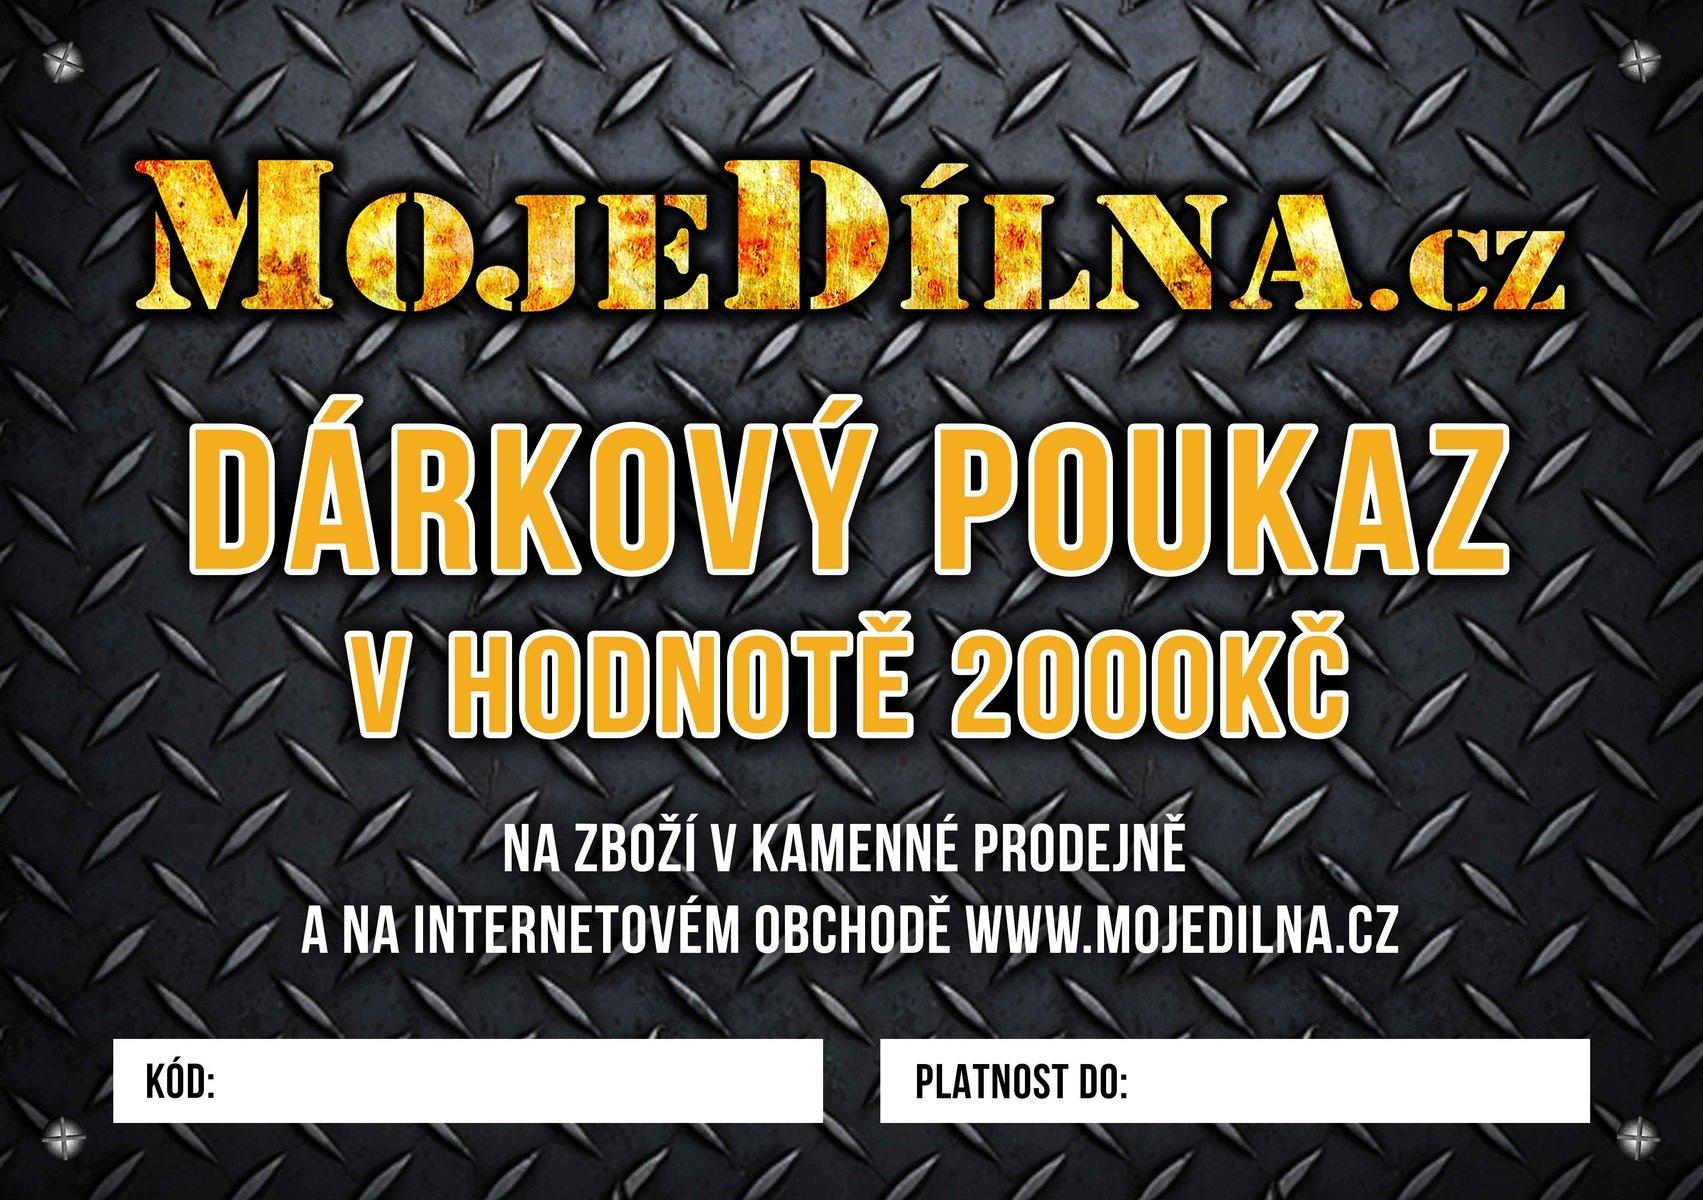 Dárkový poukaz MojeDílna.cz v hodnotě 2000 Kč